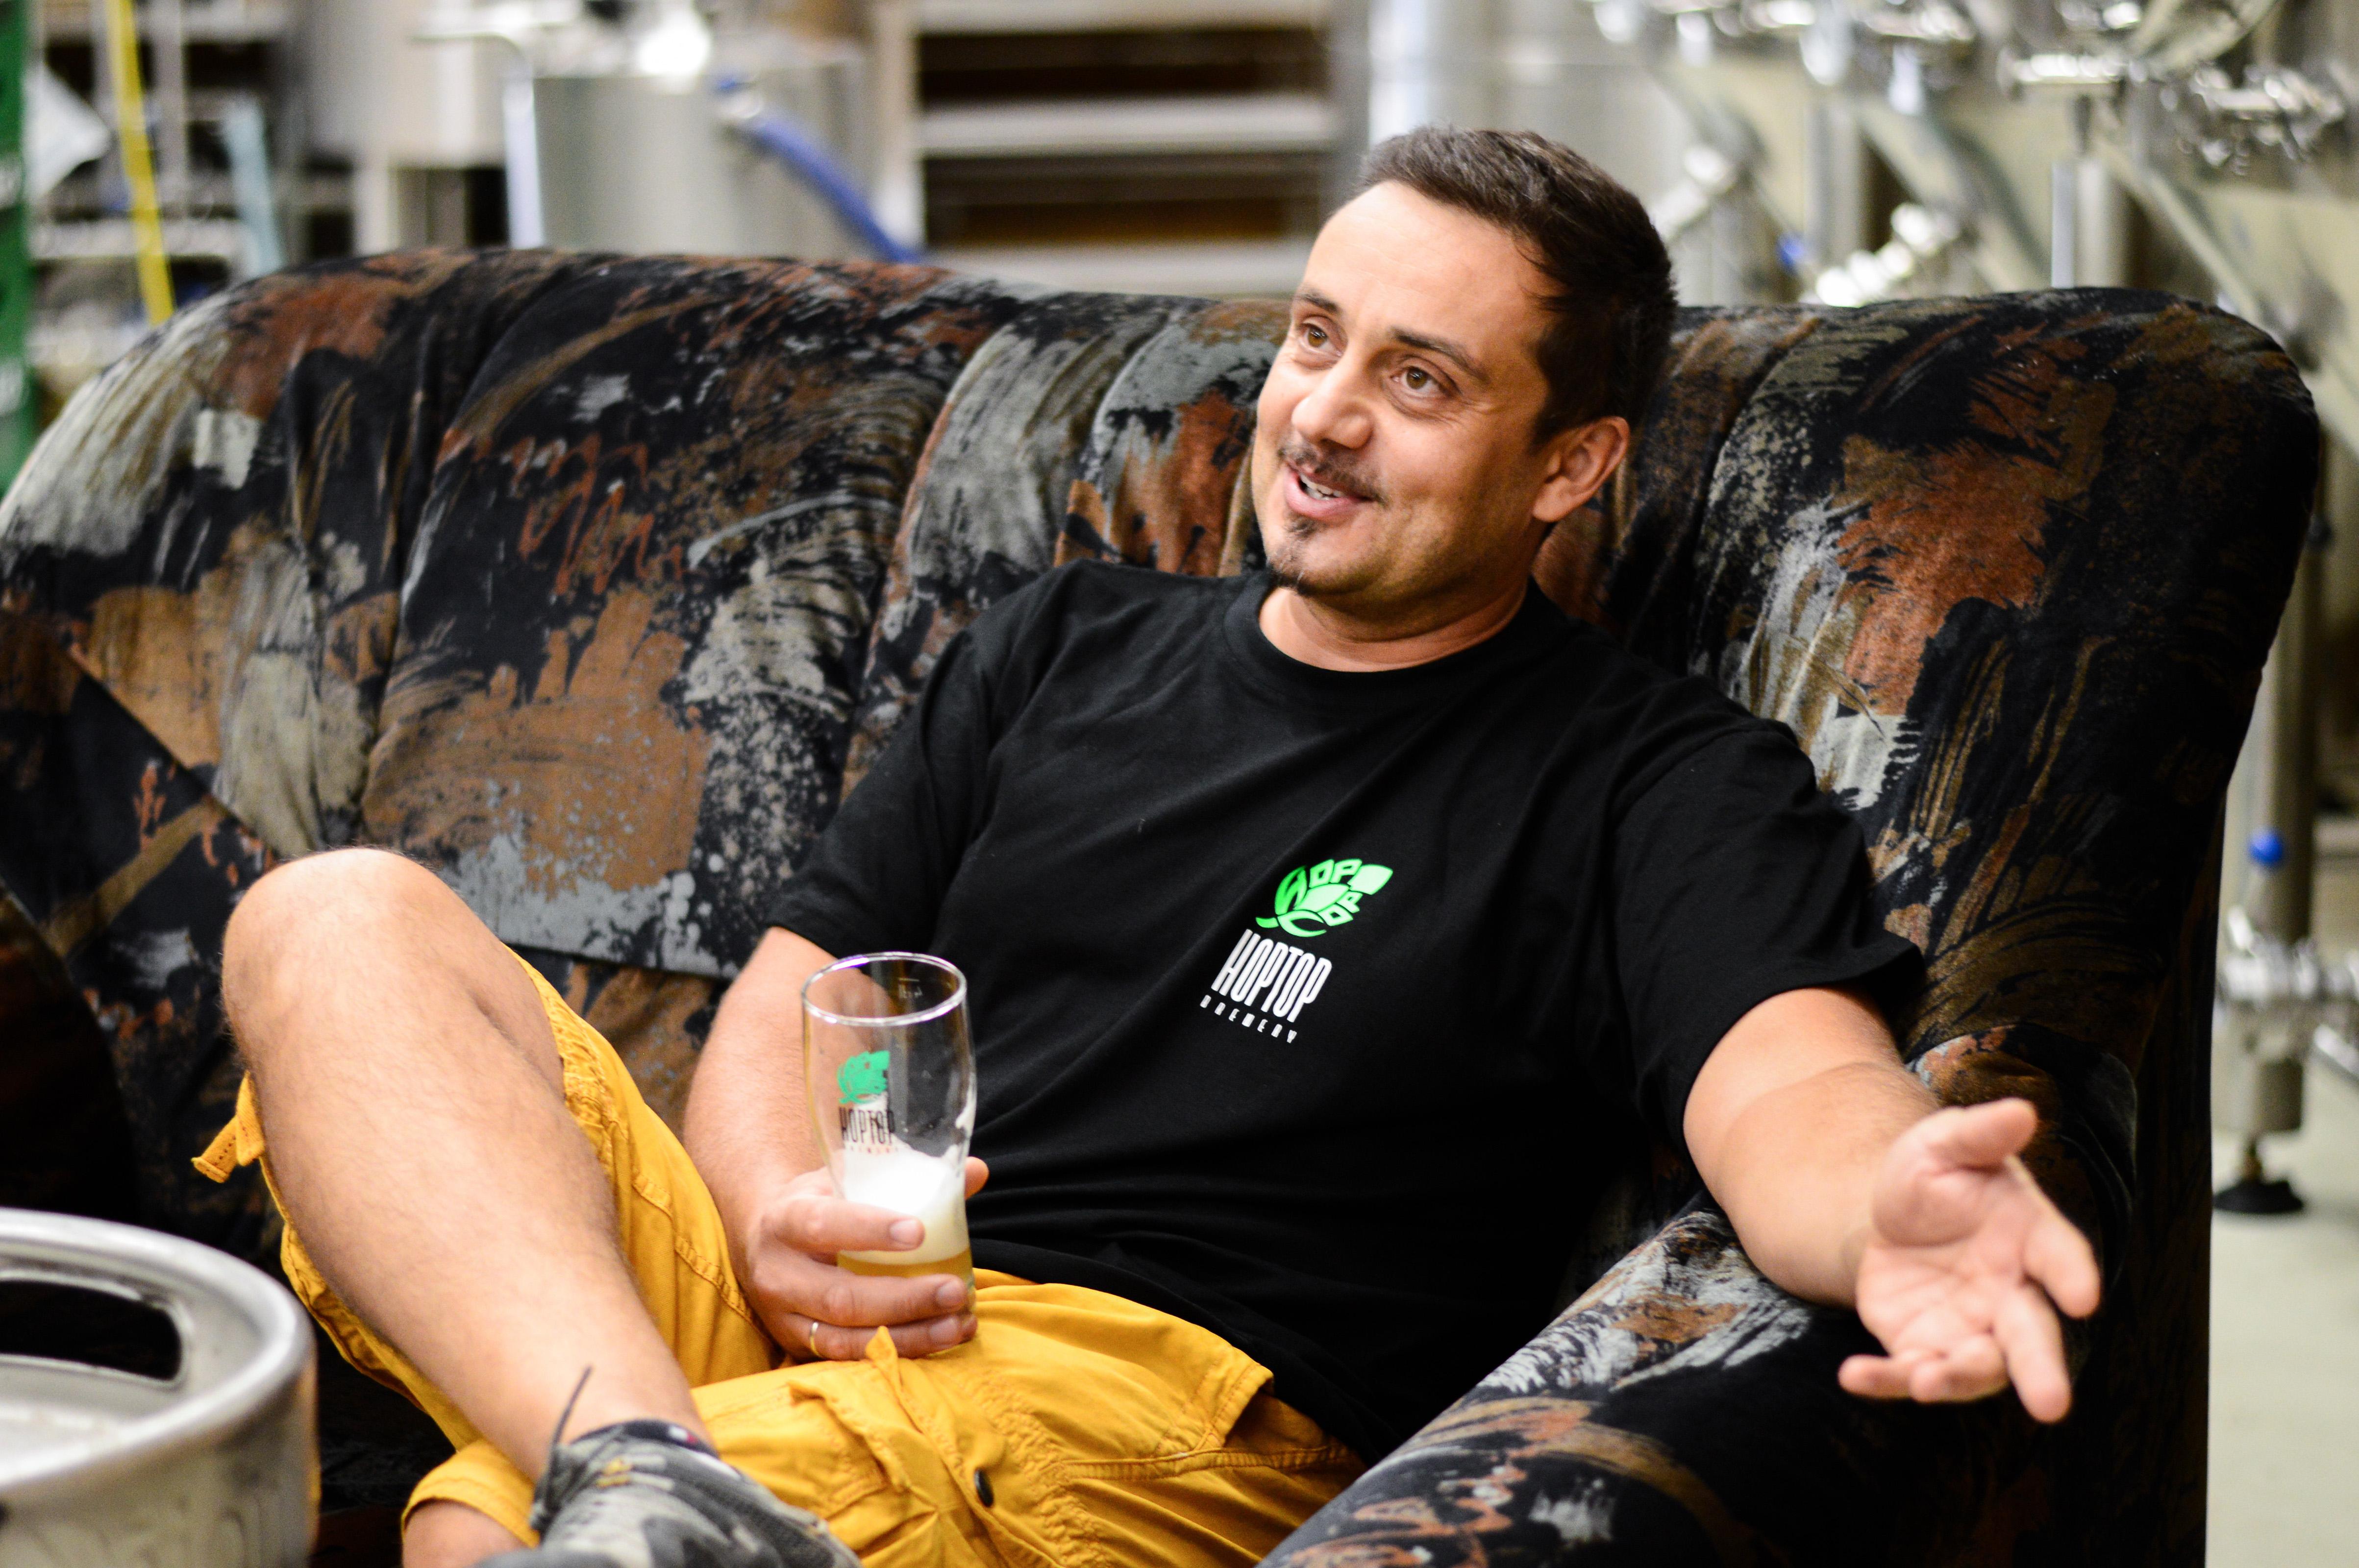 Otthagyta a multik világát, most Európa egyik legjobb sörét főzi